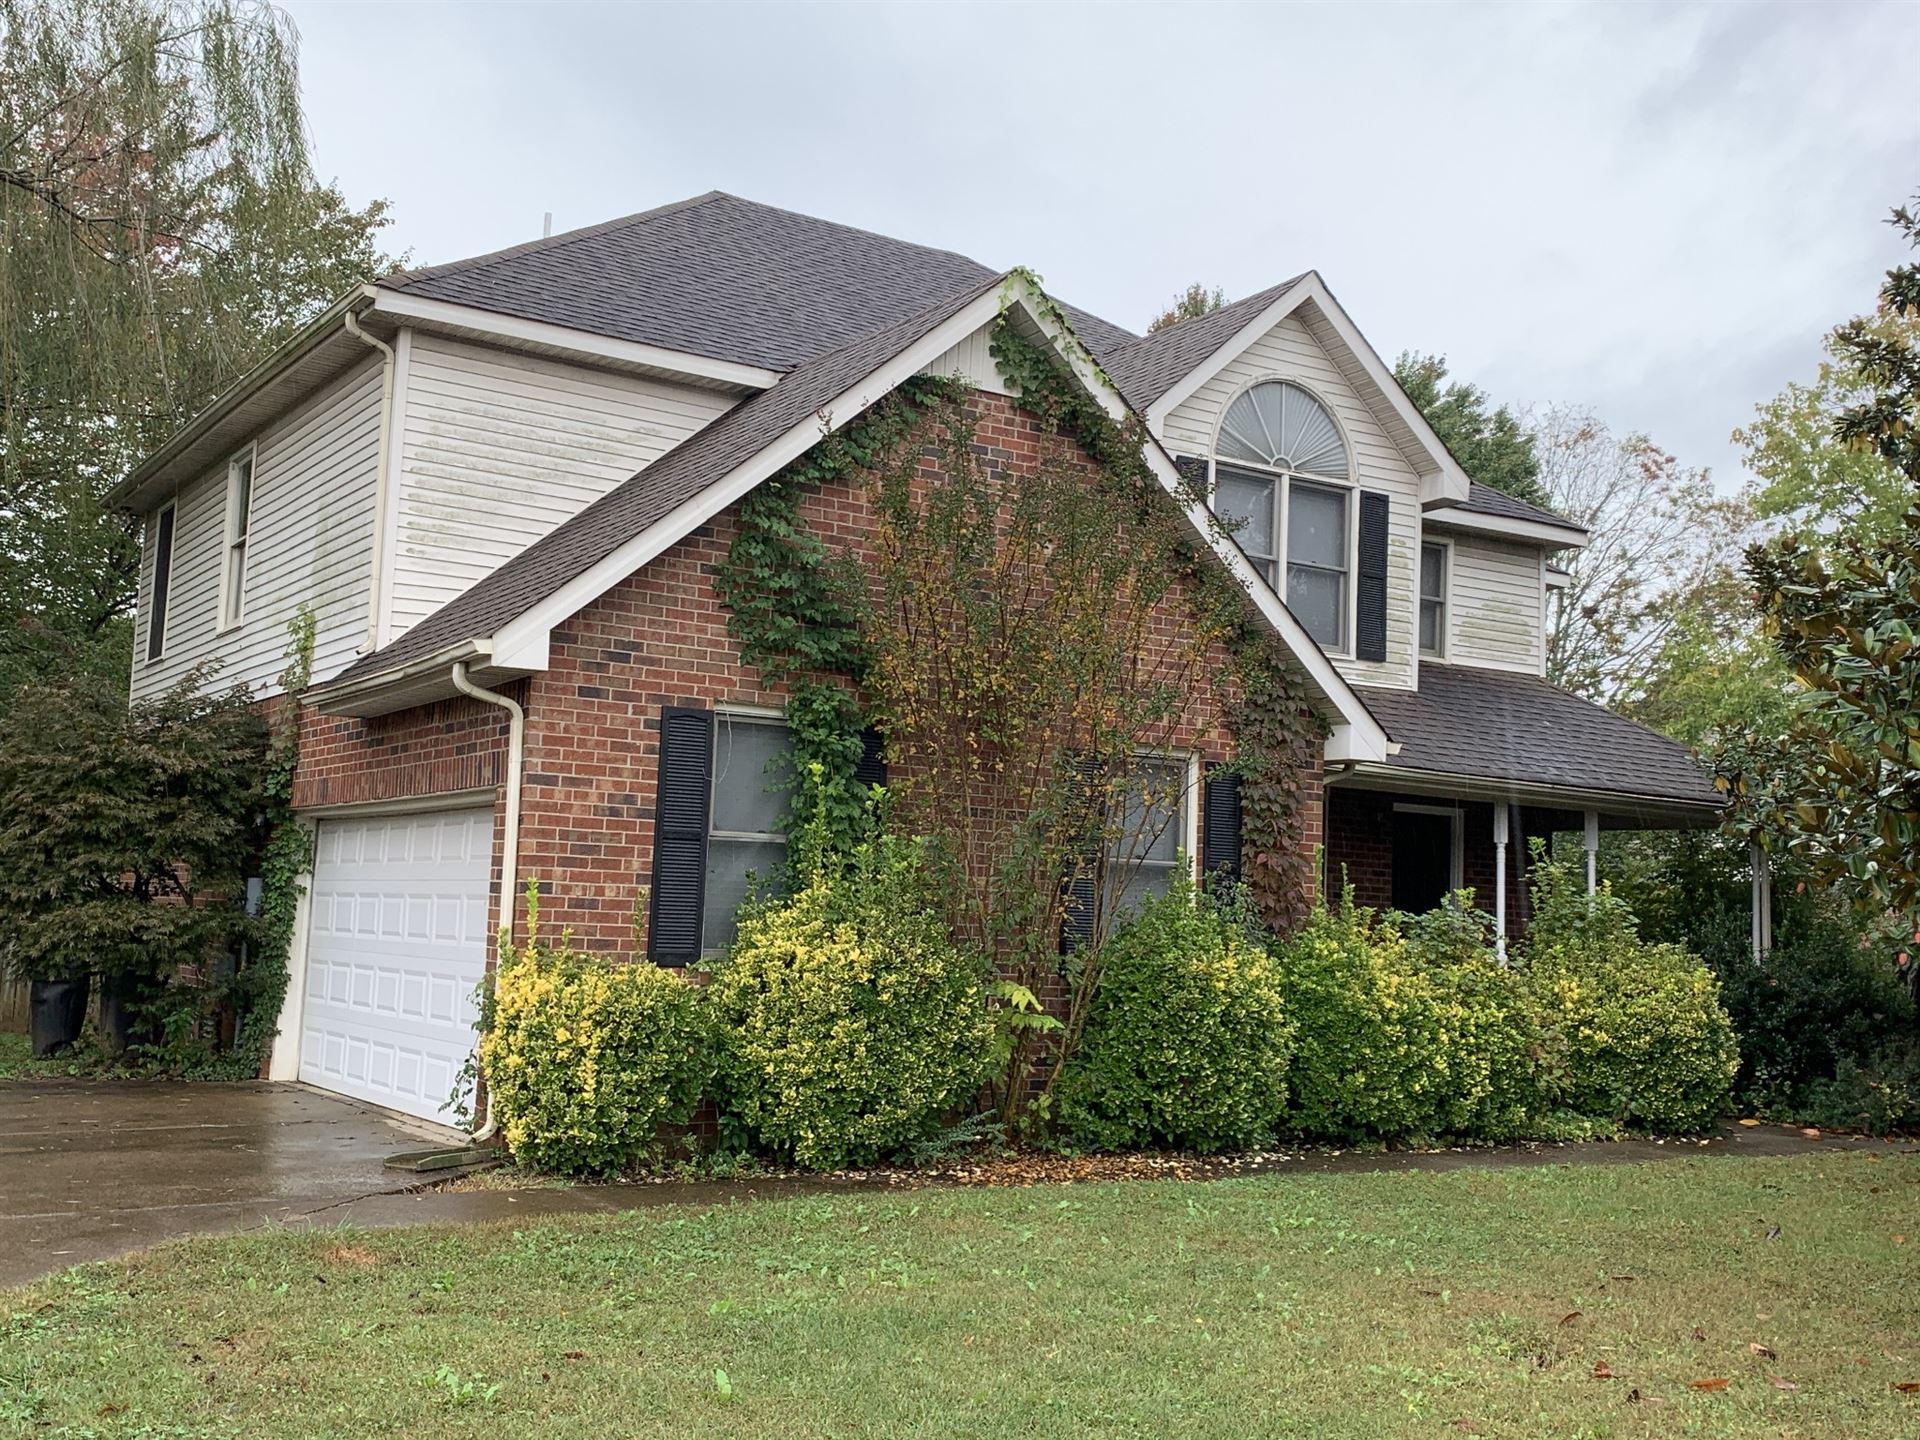 1711 Bridget Dr, Murfreesboro, TN 37129 - MLS#: 2198415